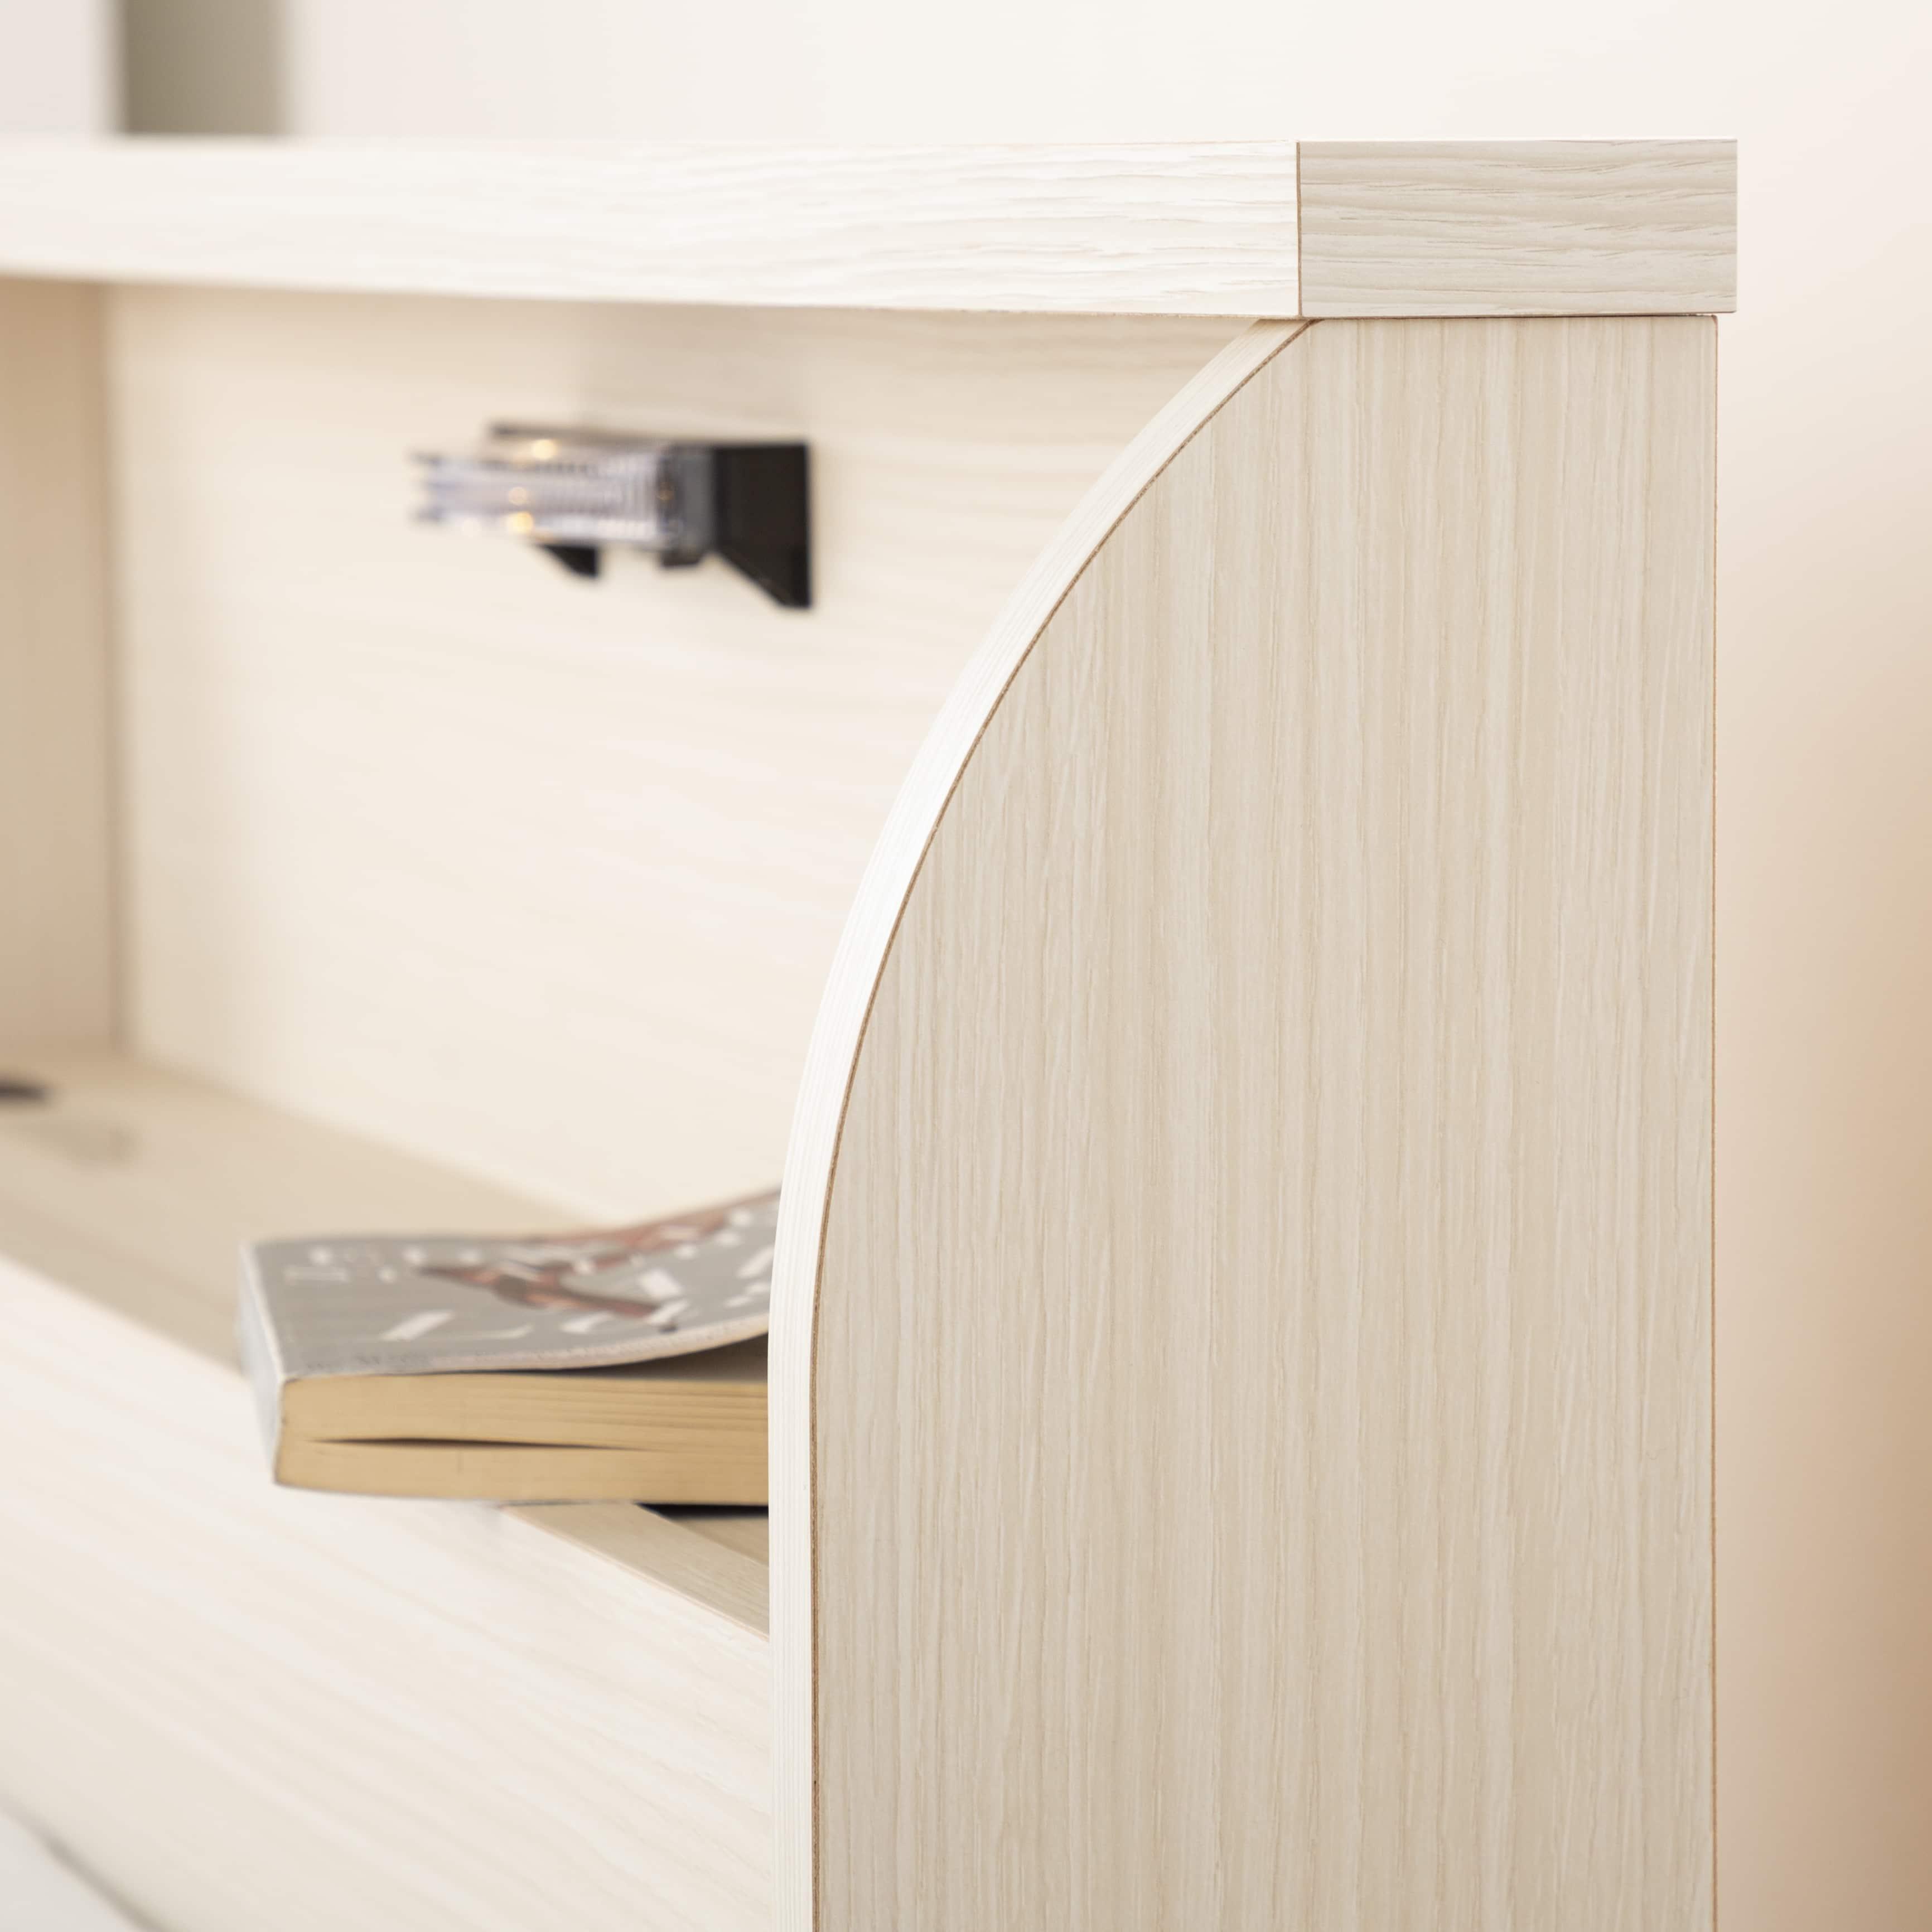 シングルベッド コスモプラス�U/BO−030 ウォールナット:小物を置けるヘッドボード